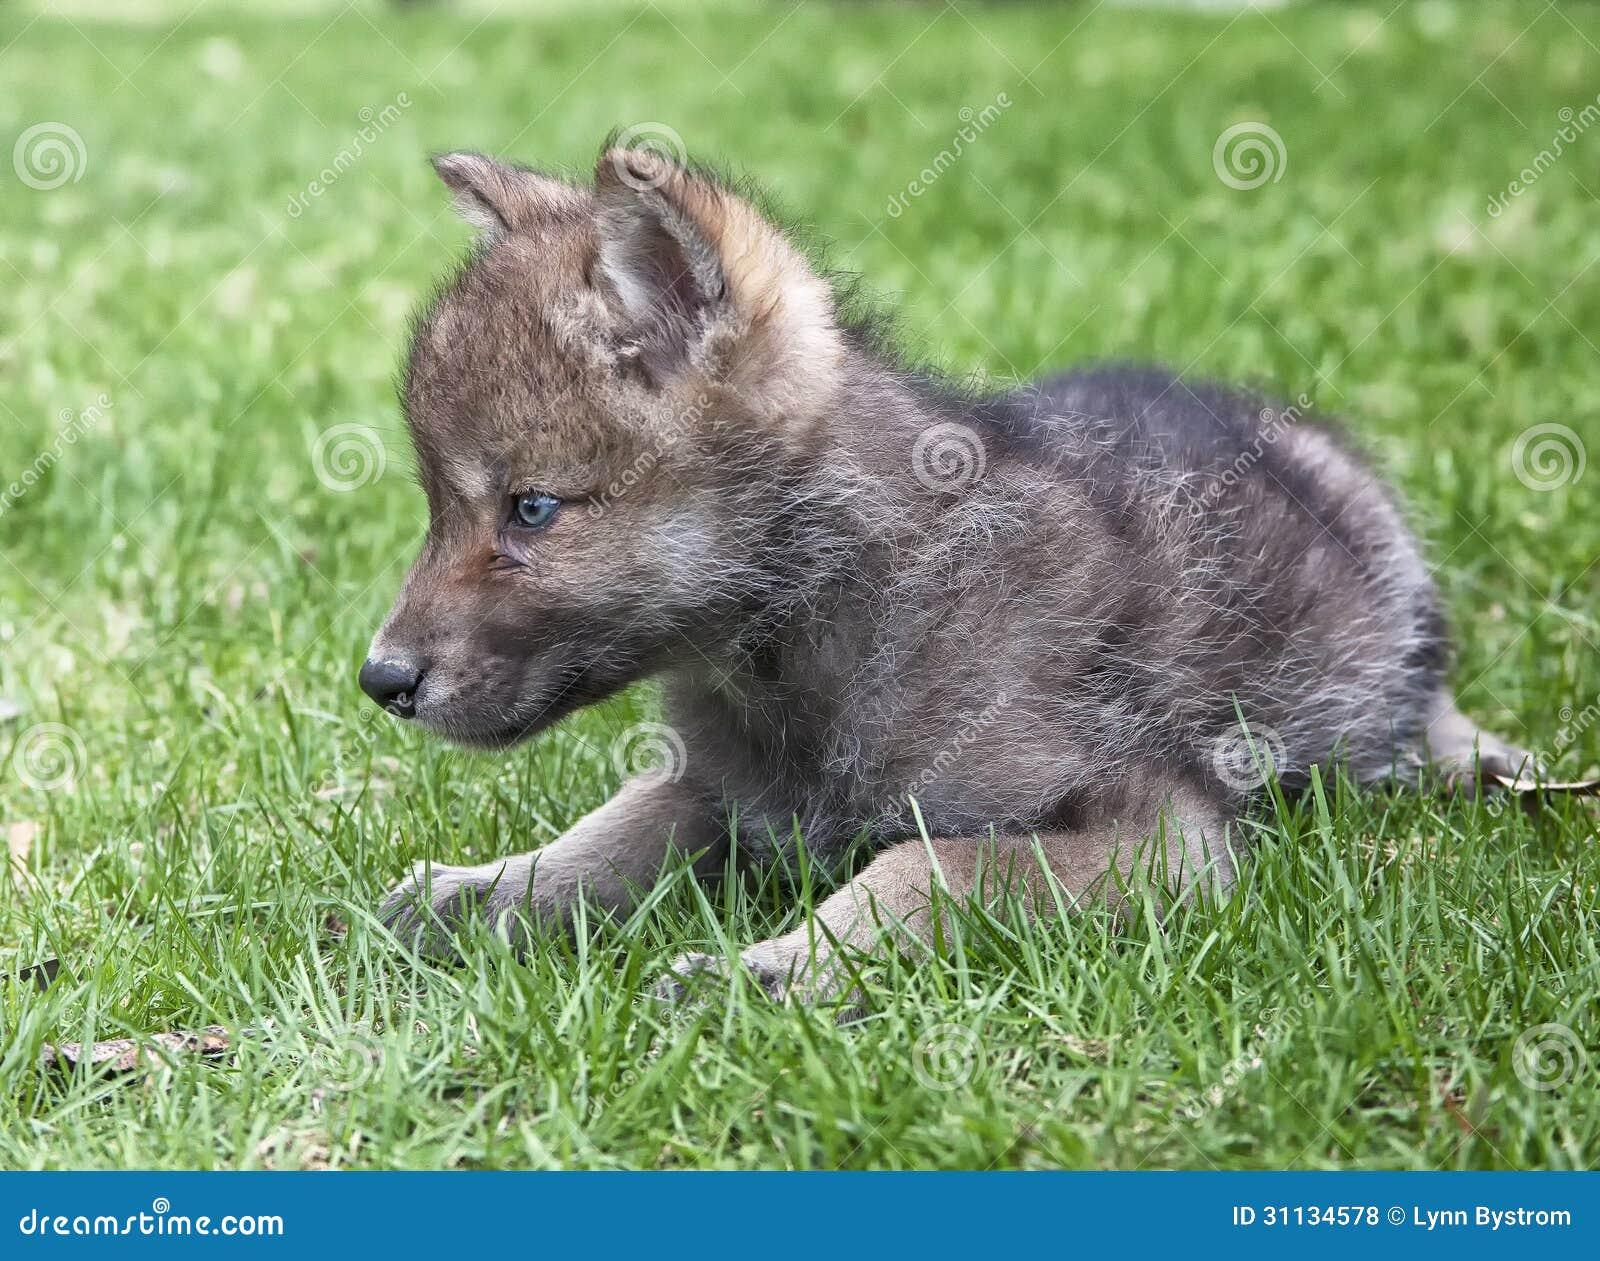 Popolare Cucciolo di lupo grigio fotografia stock. Immagine di molla - 31134578 YN71